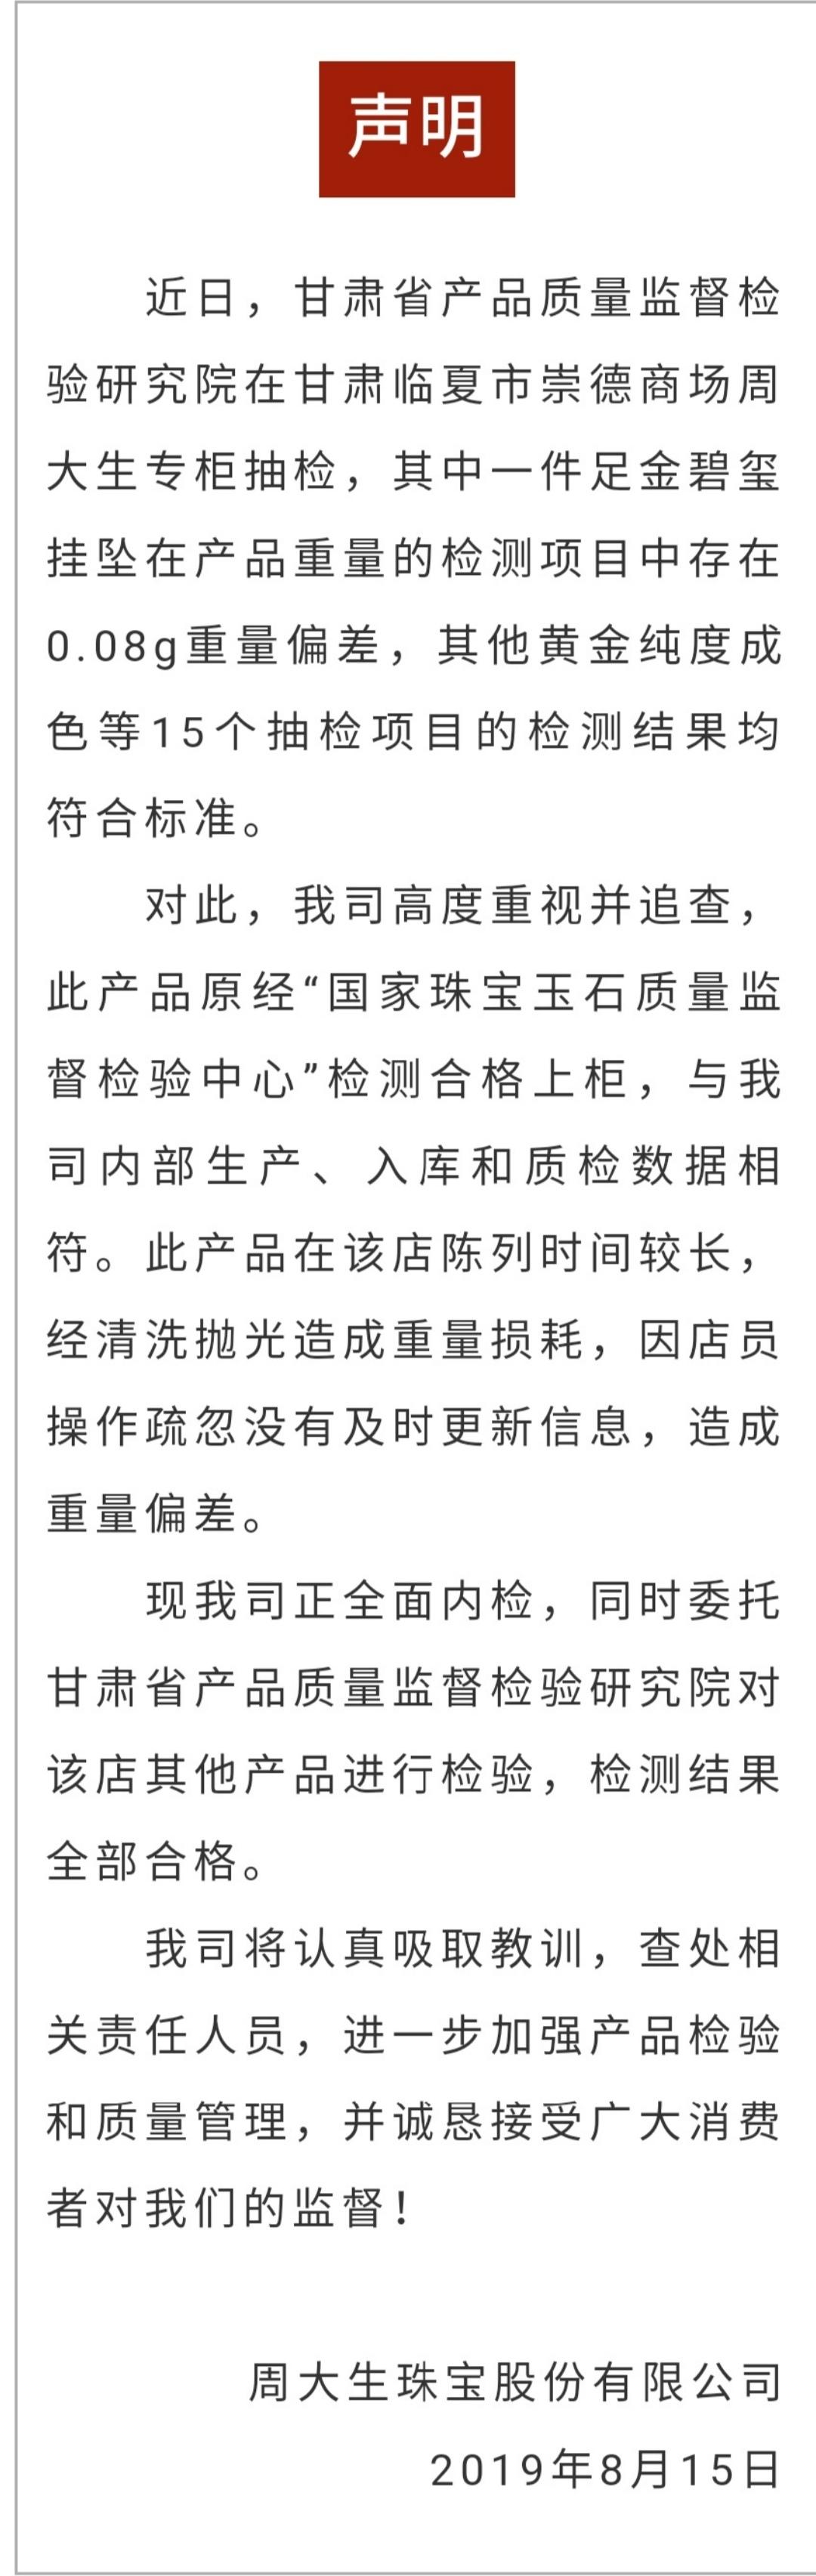 """9批次贵金属首饰抽检不合格 周大生回应""""缺斤"""